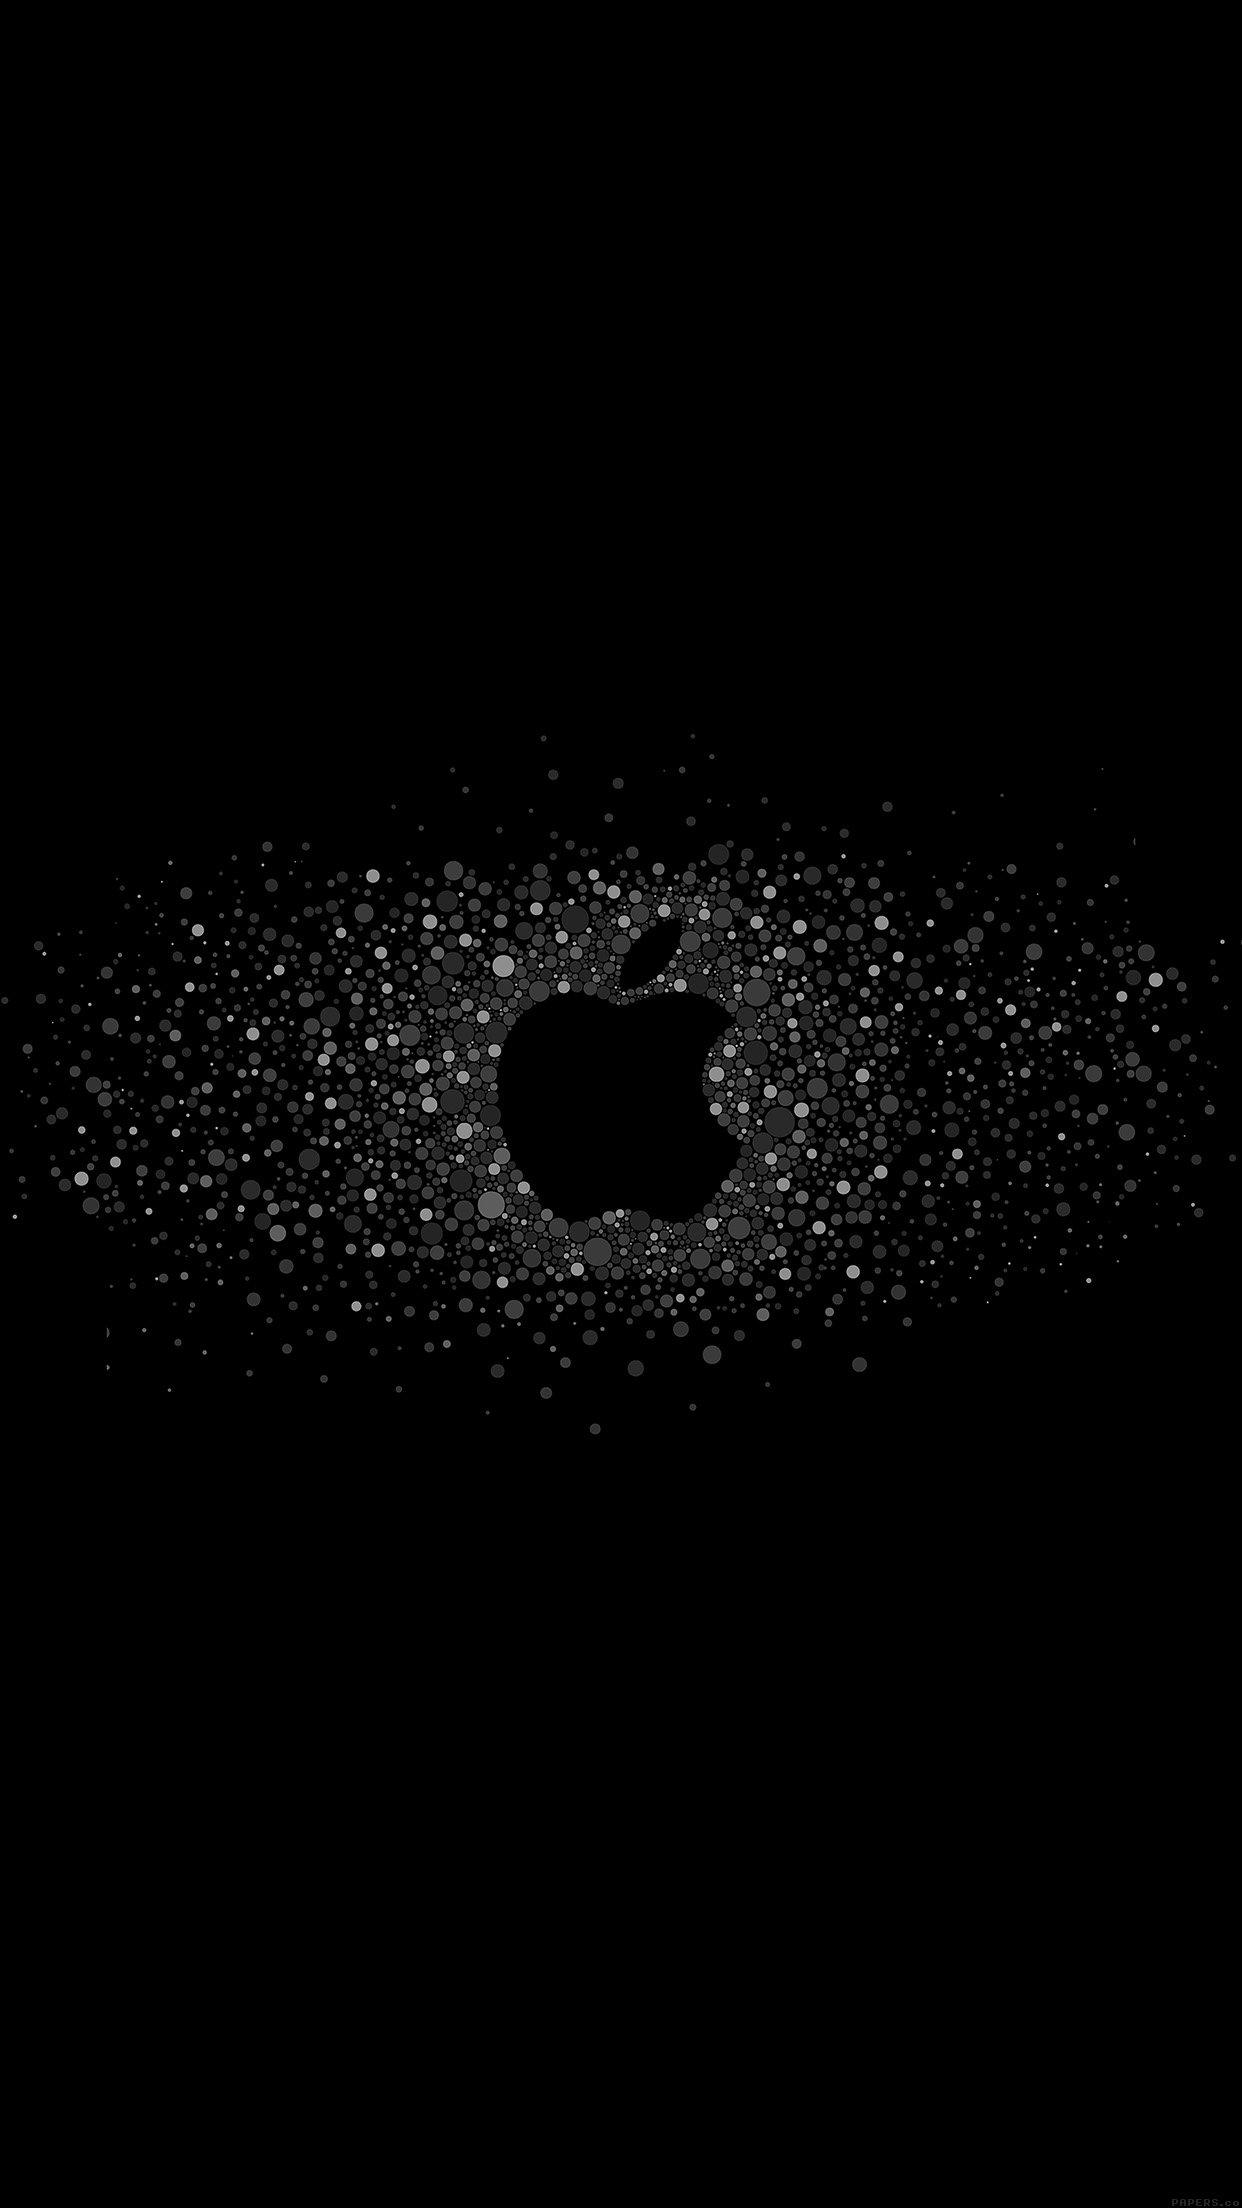 Sfondi Per Iphone E Ipad Con Logo Apple Pronti Da Scaricare E Usare